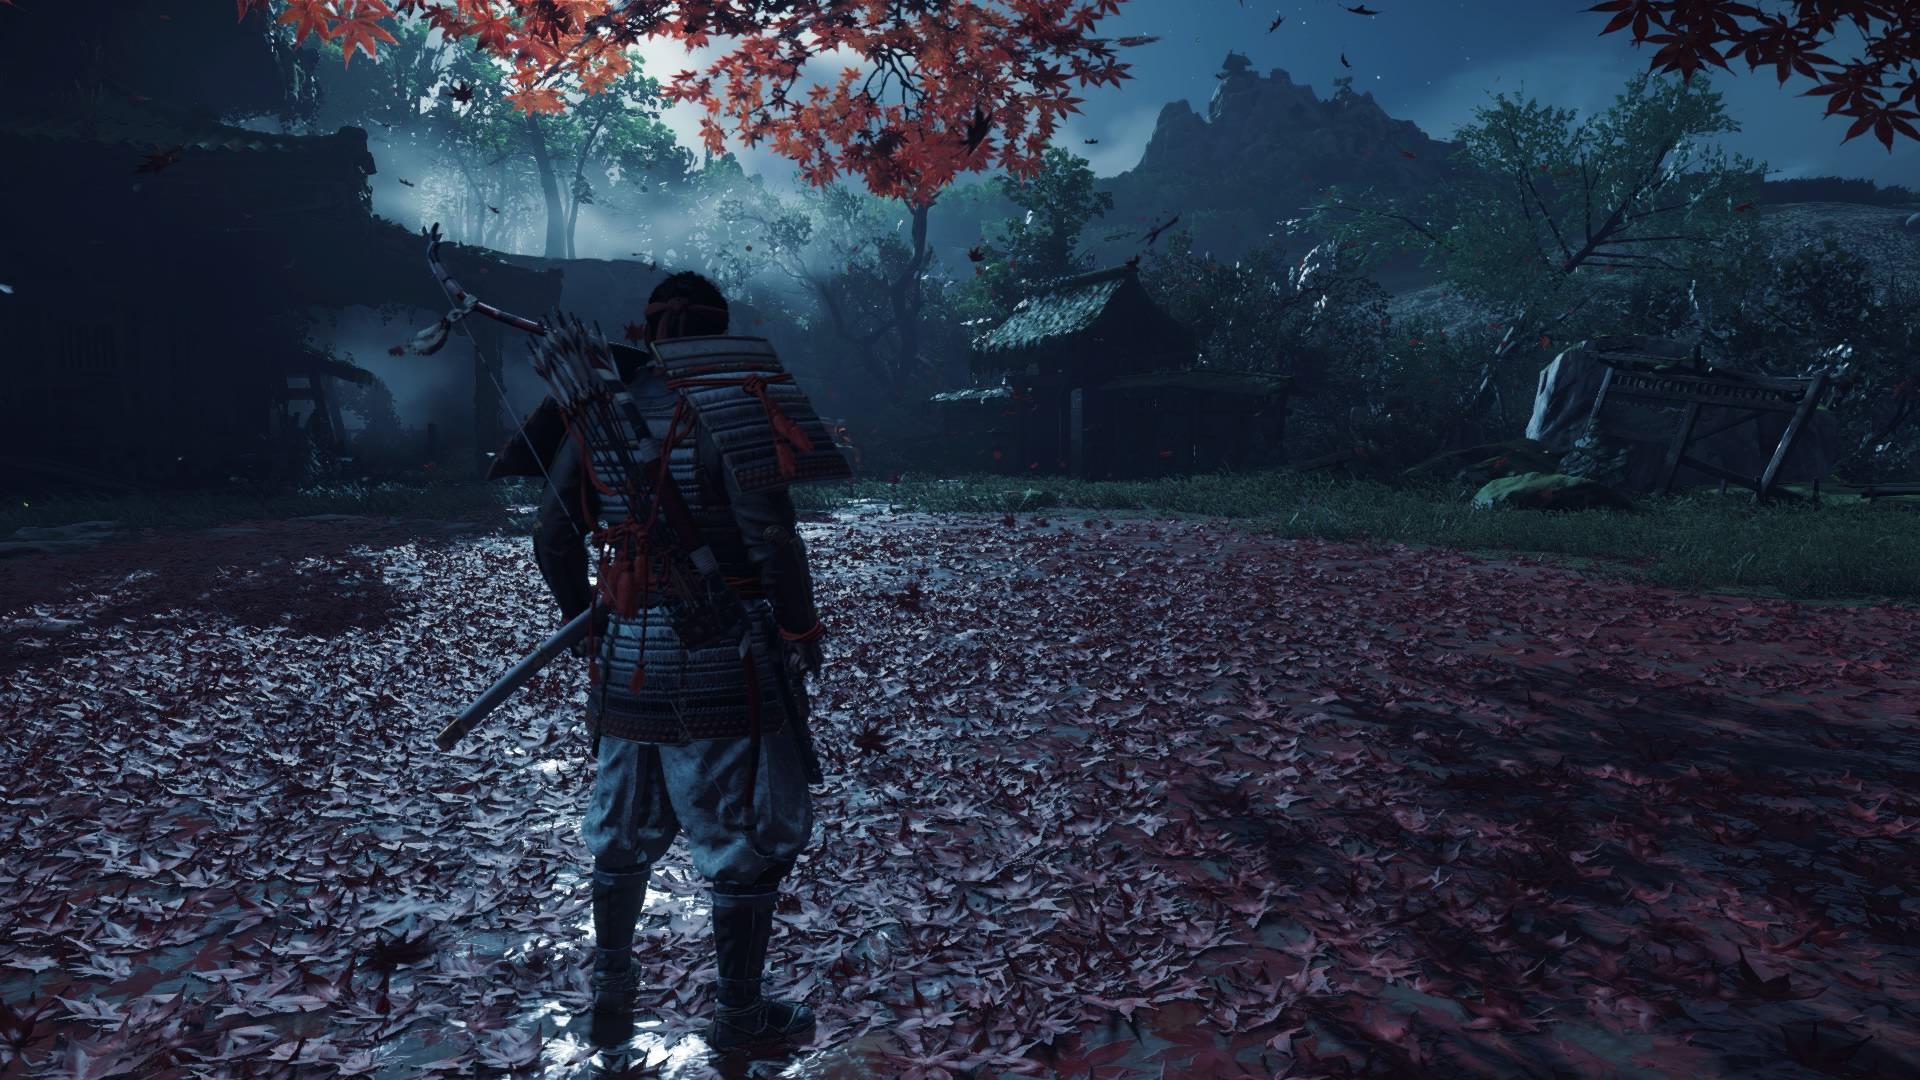 Vývojári sa pohrali s nasvietením scény, vďaka čomu hra vyzerá nádherne aj v noci.